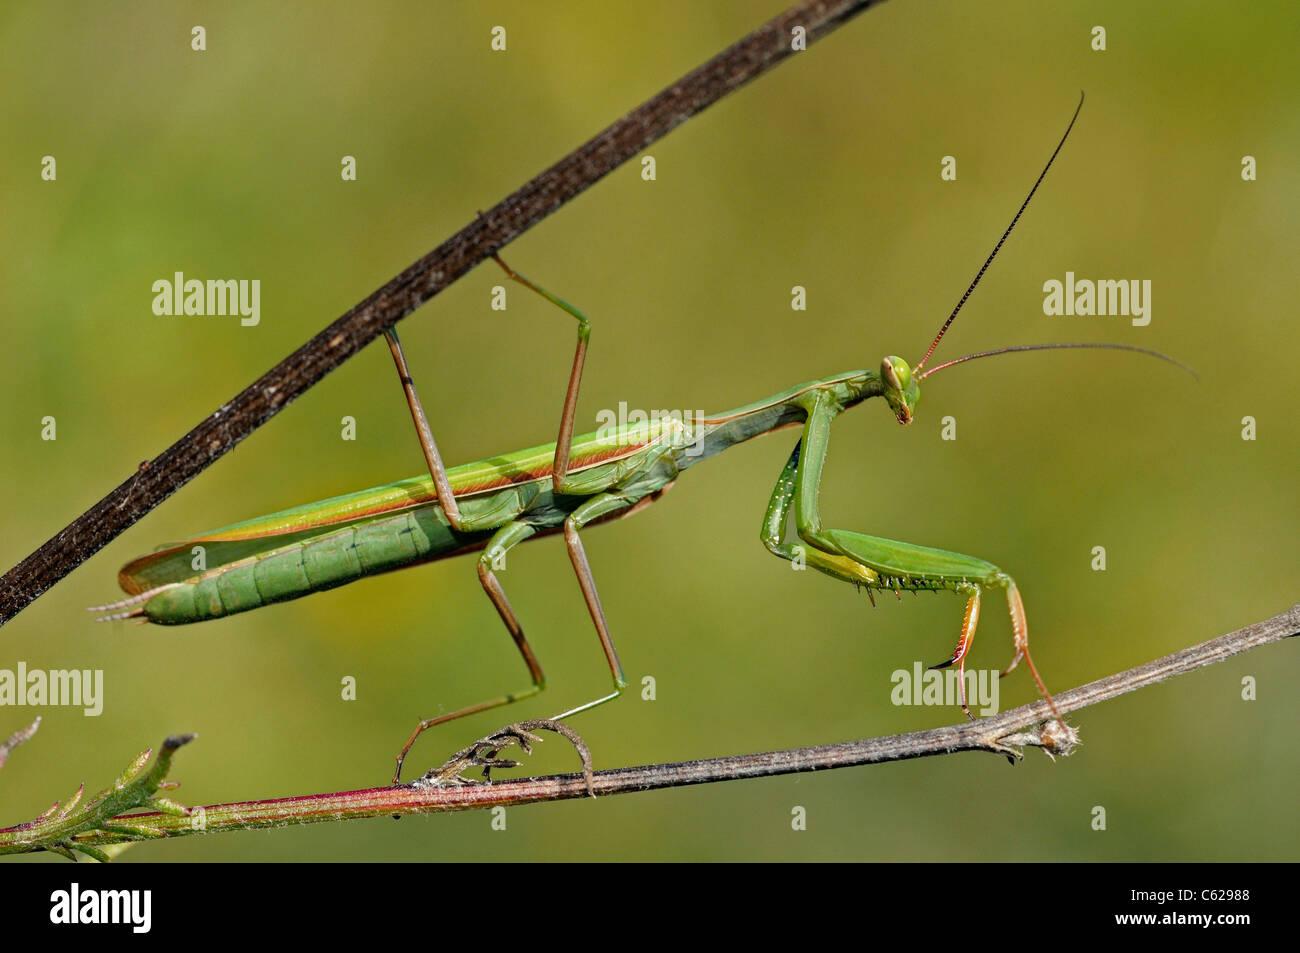 European Mantis or Praying mantis - Stock Image